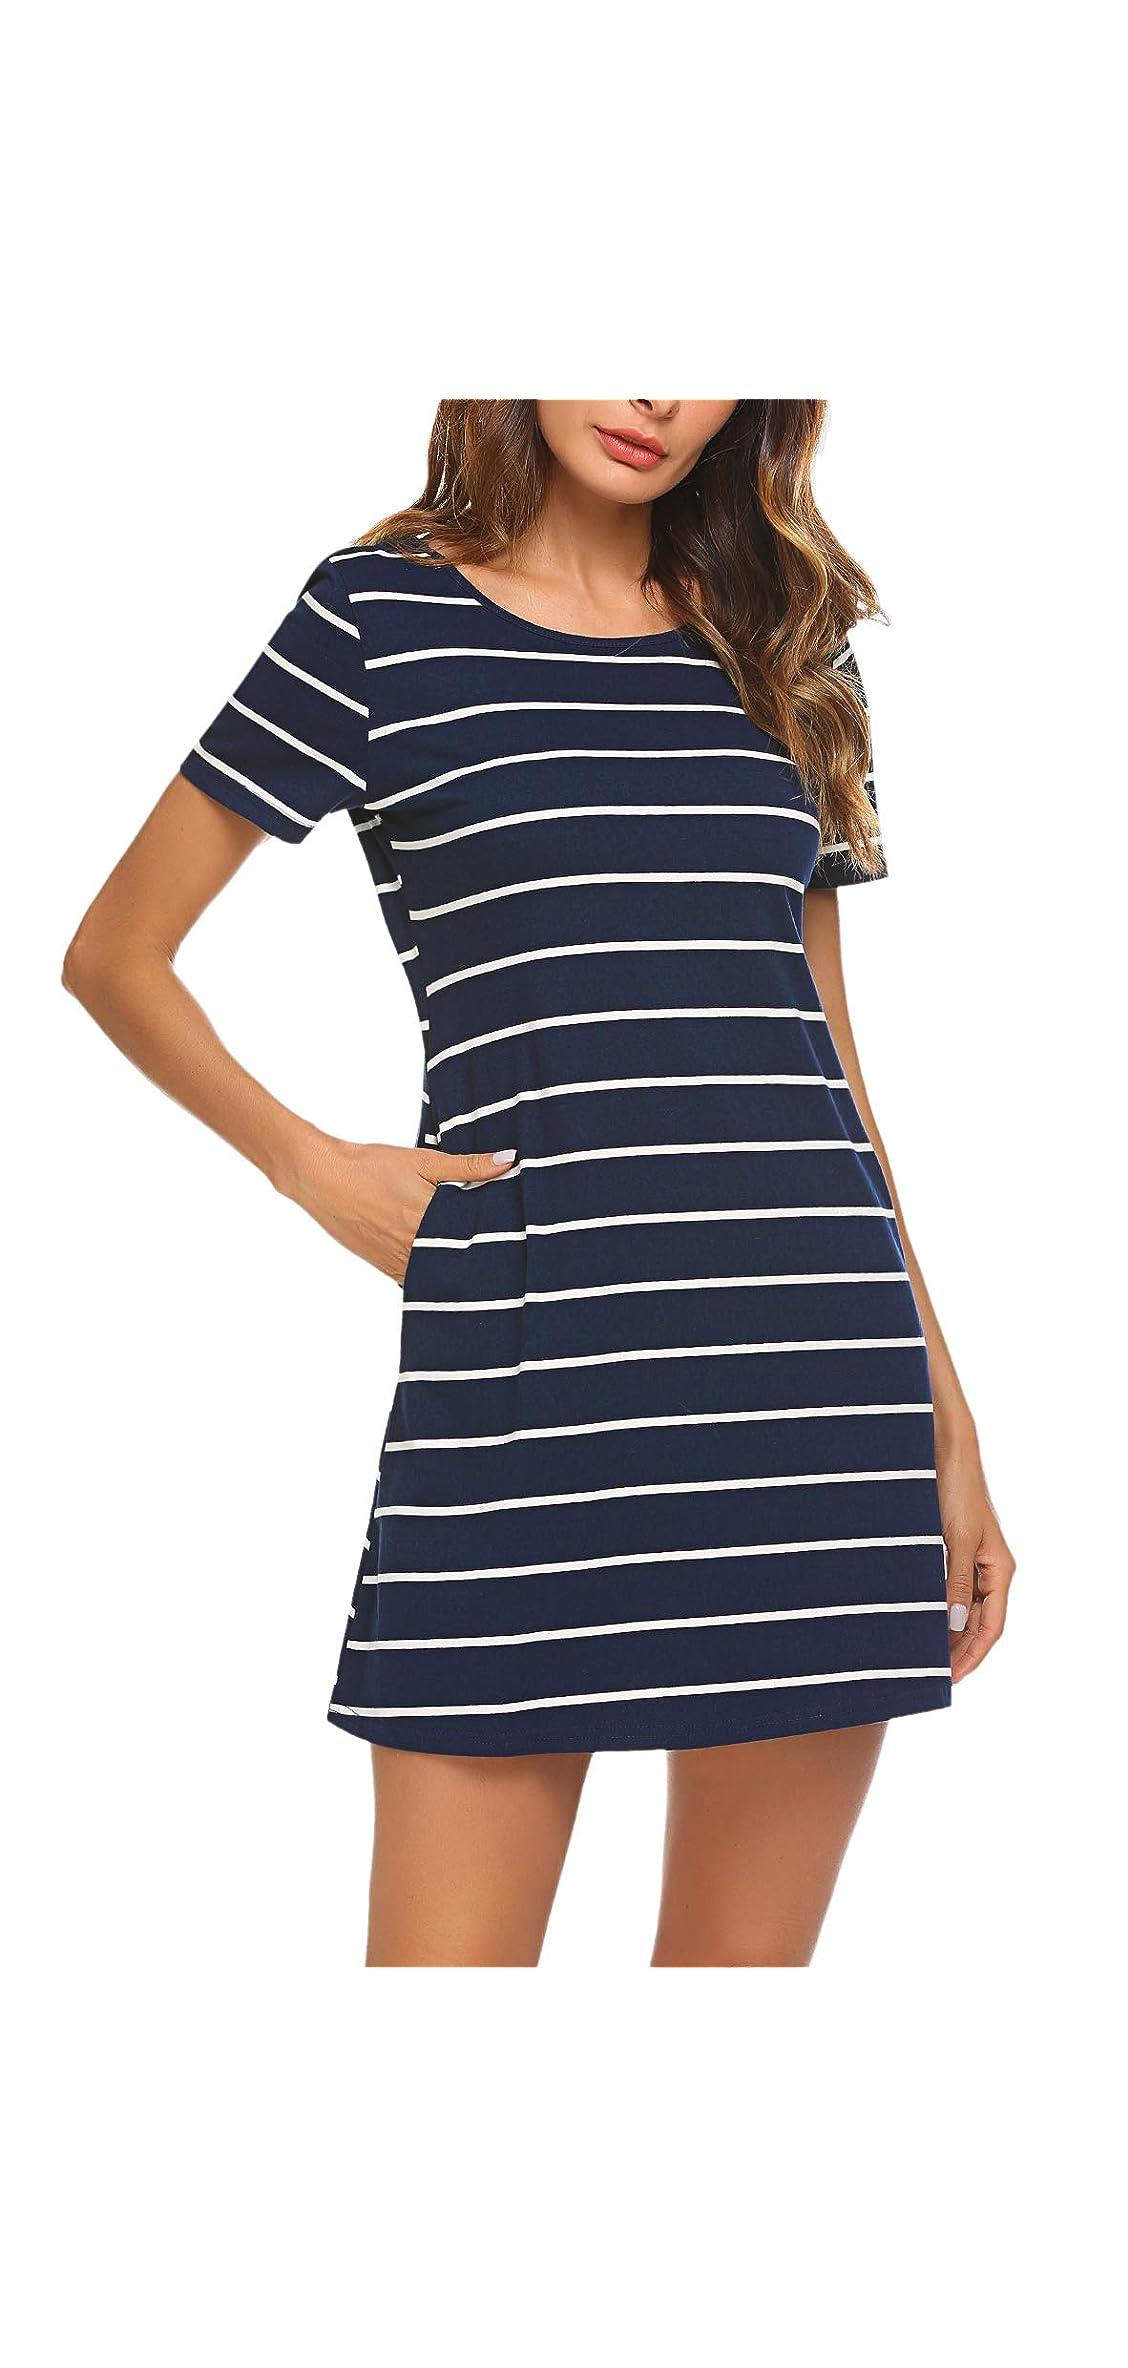 Women's Casual Striped Criss Cross Short Sleeve T Shirt